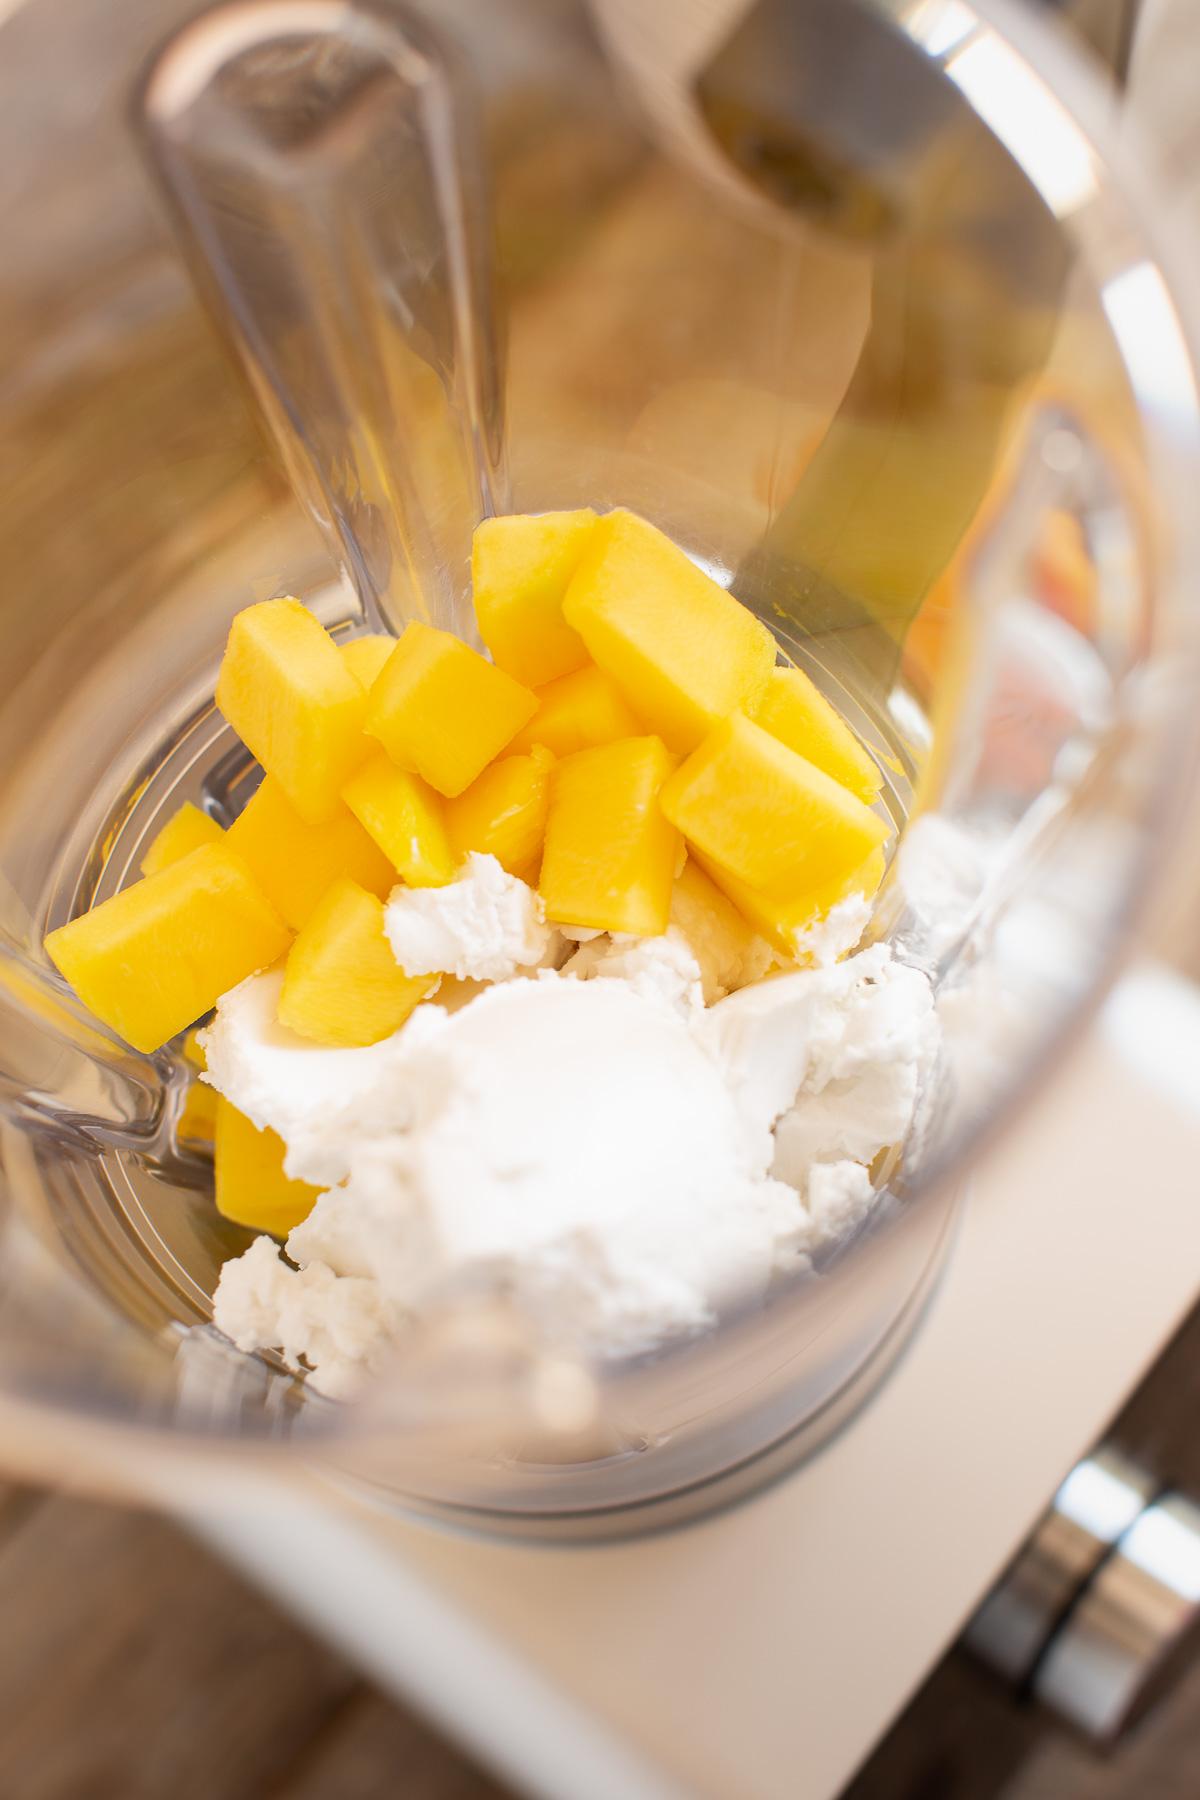 How to make VEGAN COCONUT MANGO SAFFRON ICECREAM recipe paleo come fare il GELATO COCCO e MANGO allo ZAFFERANO senza gelatiera 4 ingredienti paleo Vegan